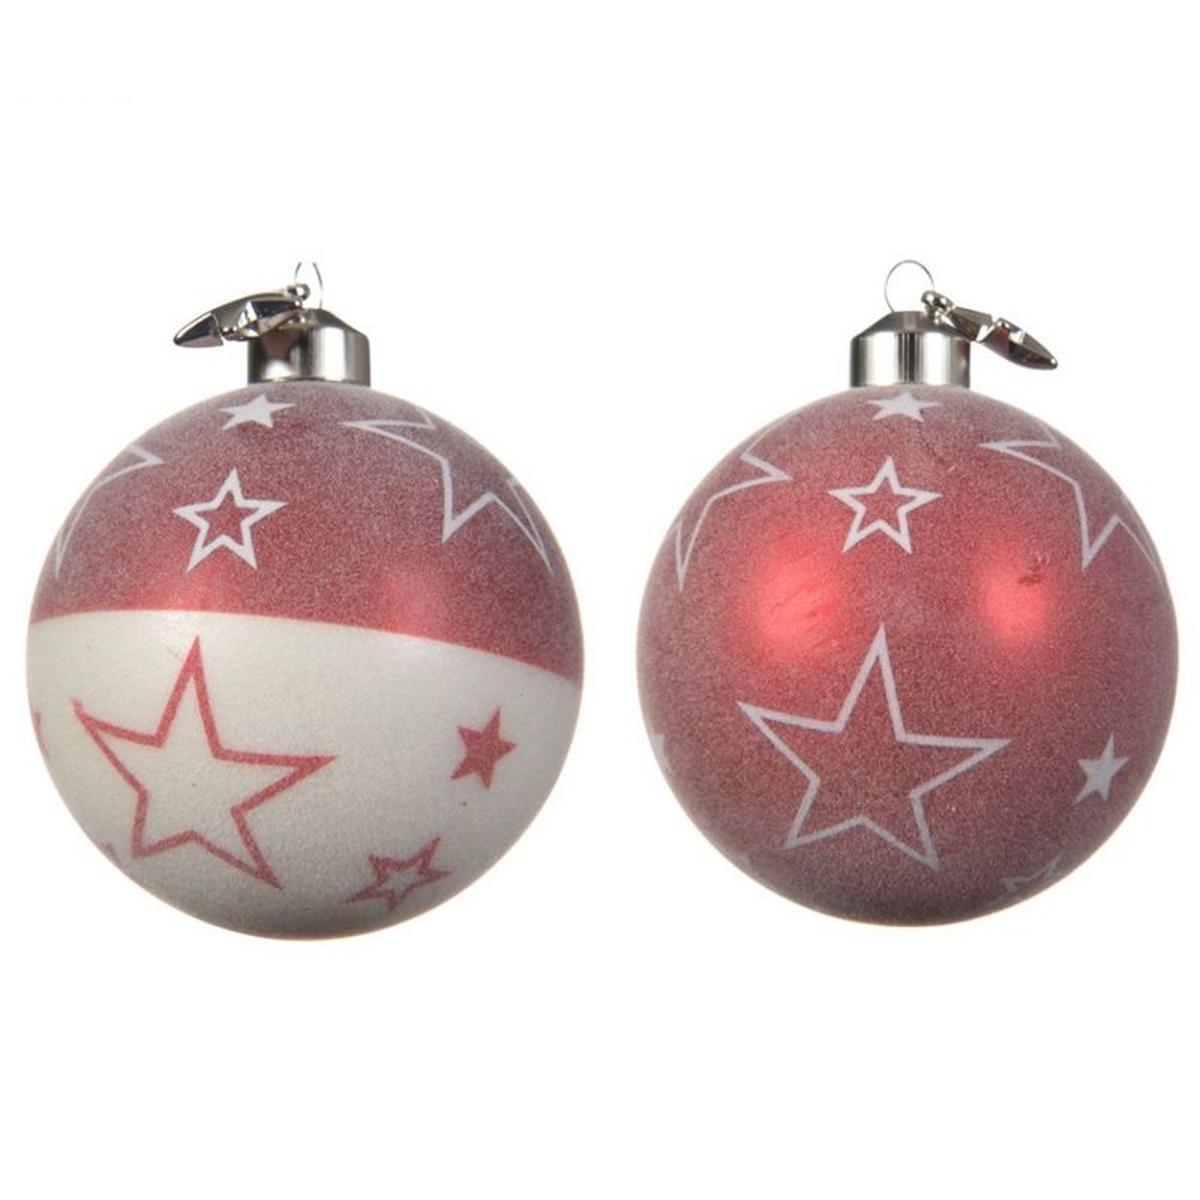 Lot de 2 boules de noël rouges et blanches décor étoiles D8cm